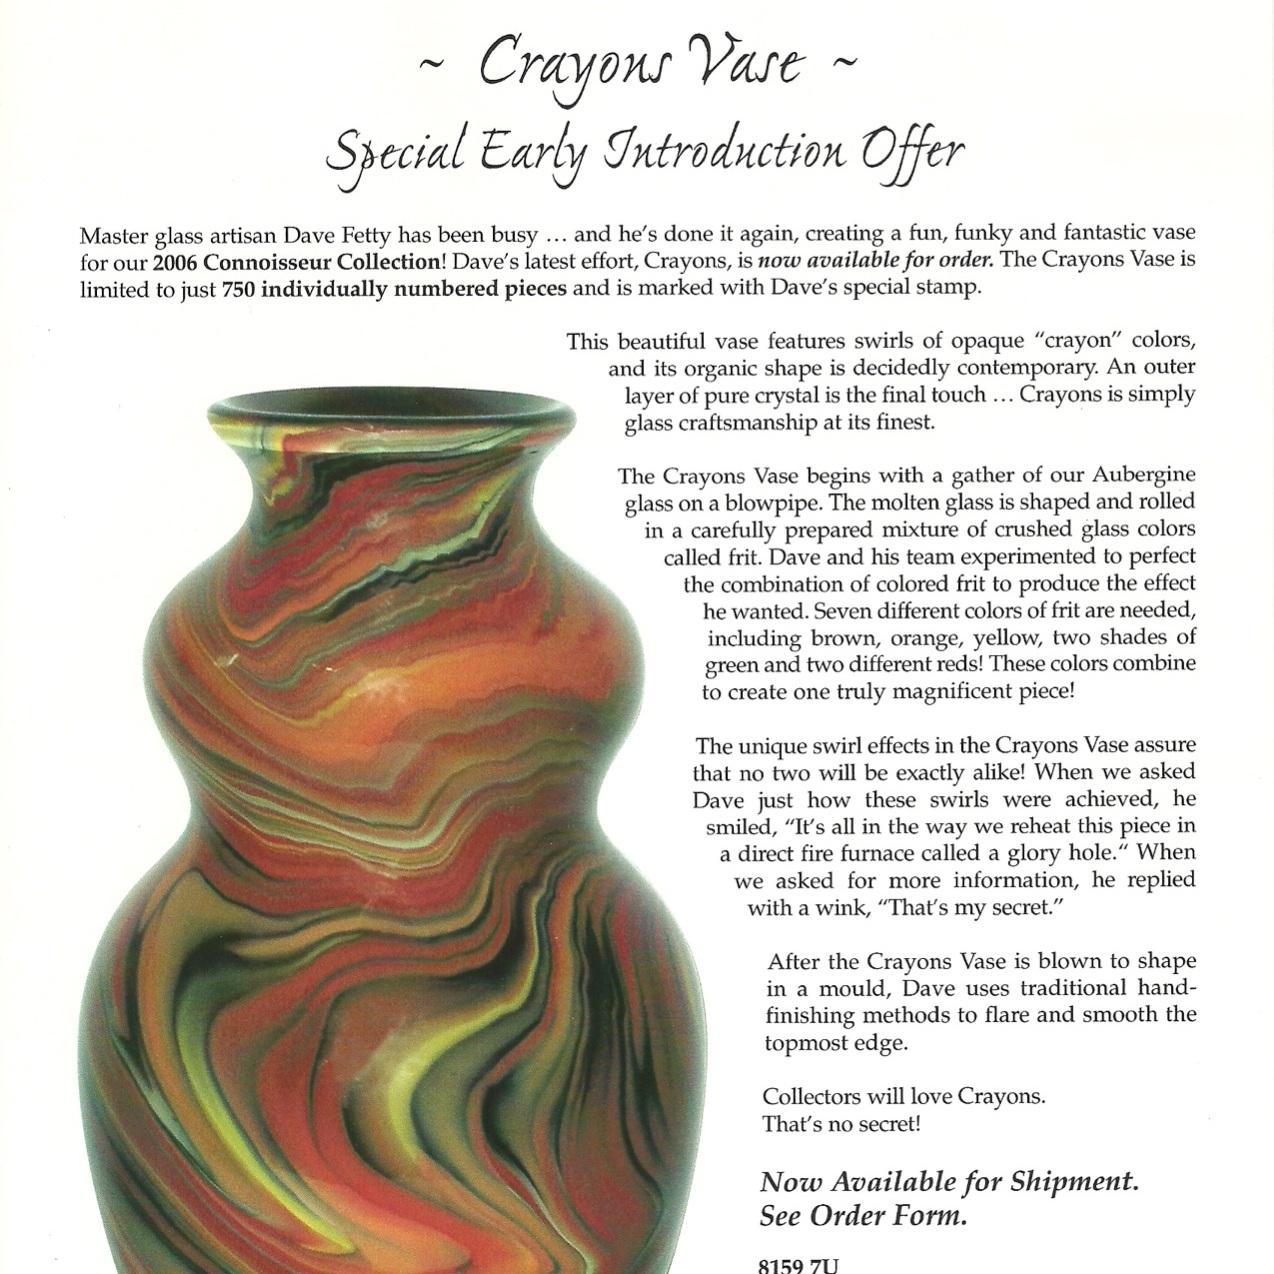 2006 Crayons Vase